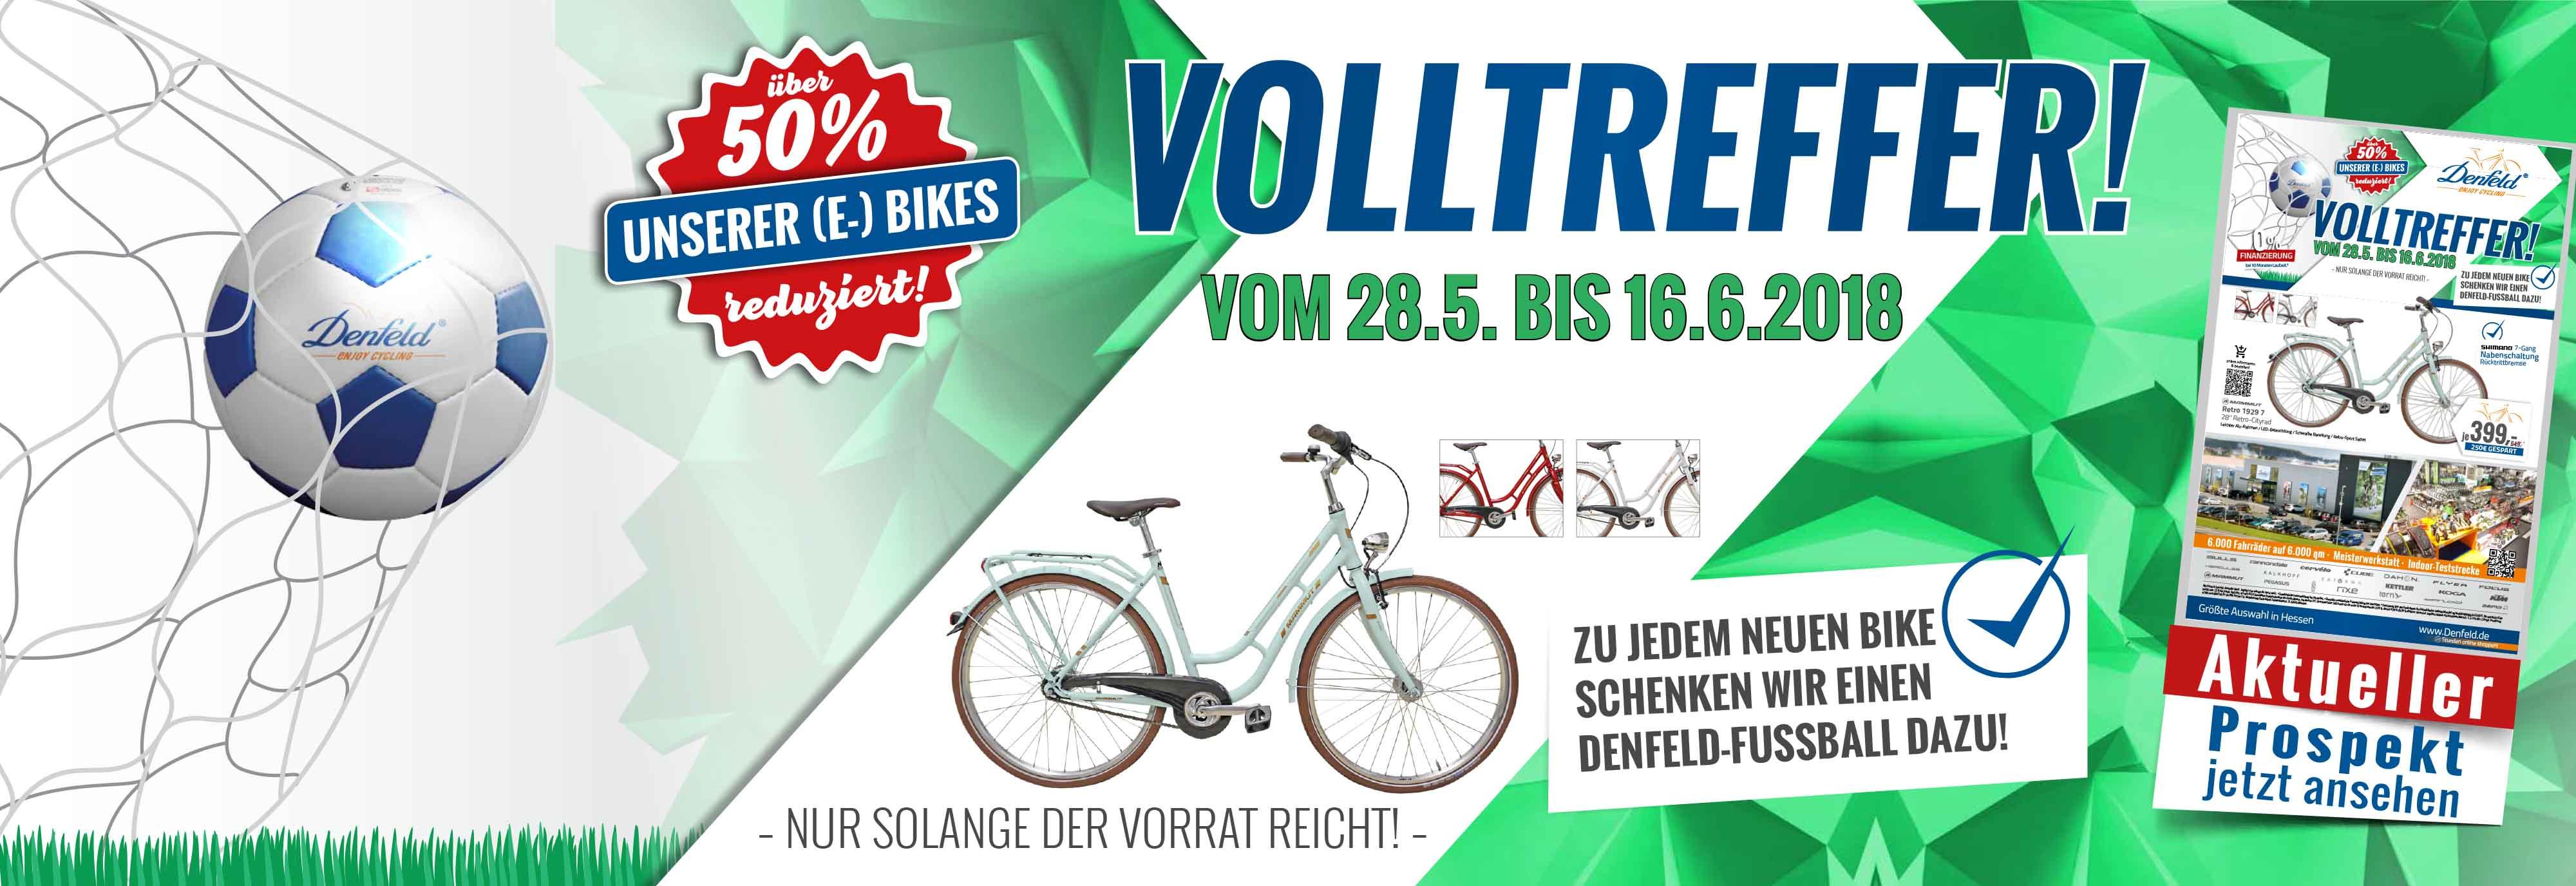 Fahrrad Denfeld Radsport GmbH Prospekt 03-18